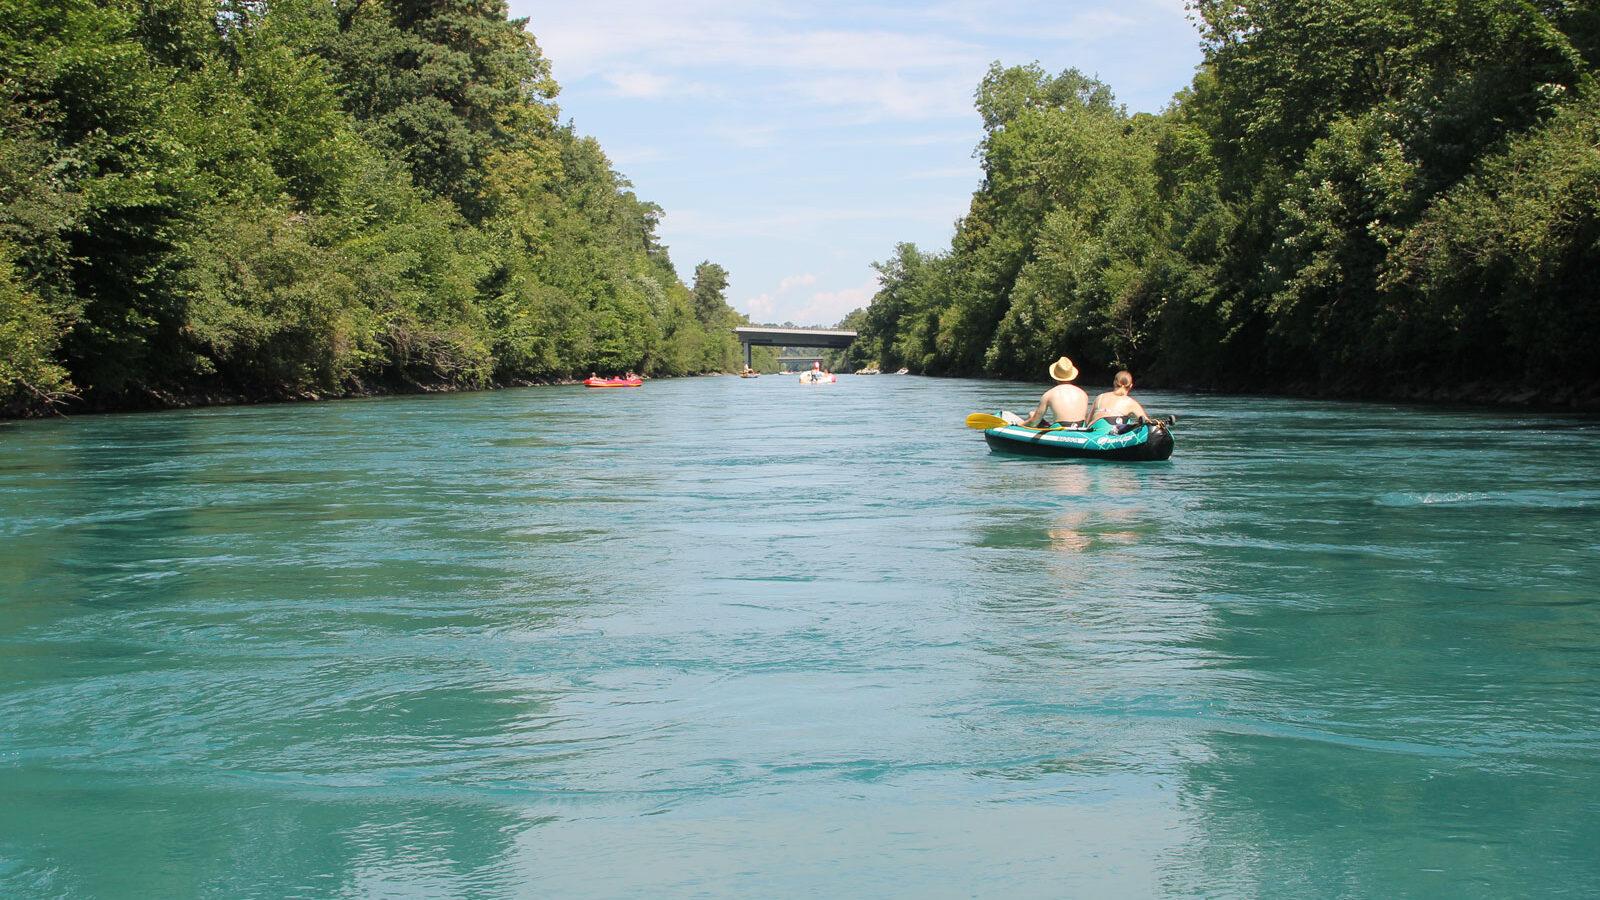 Im ersten, rund fünf Kilometer langen Abschnitt strömt die Aare im kanalisierten Flussbett nordwärts Richtung Uttigen